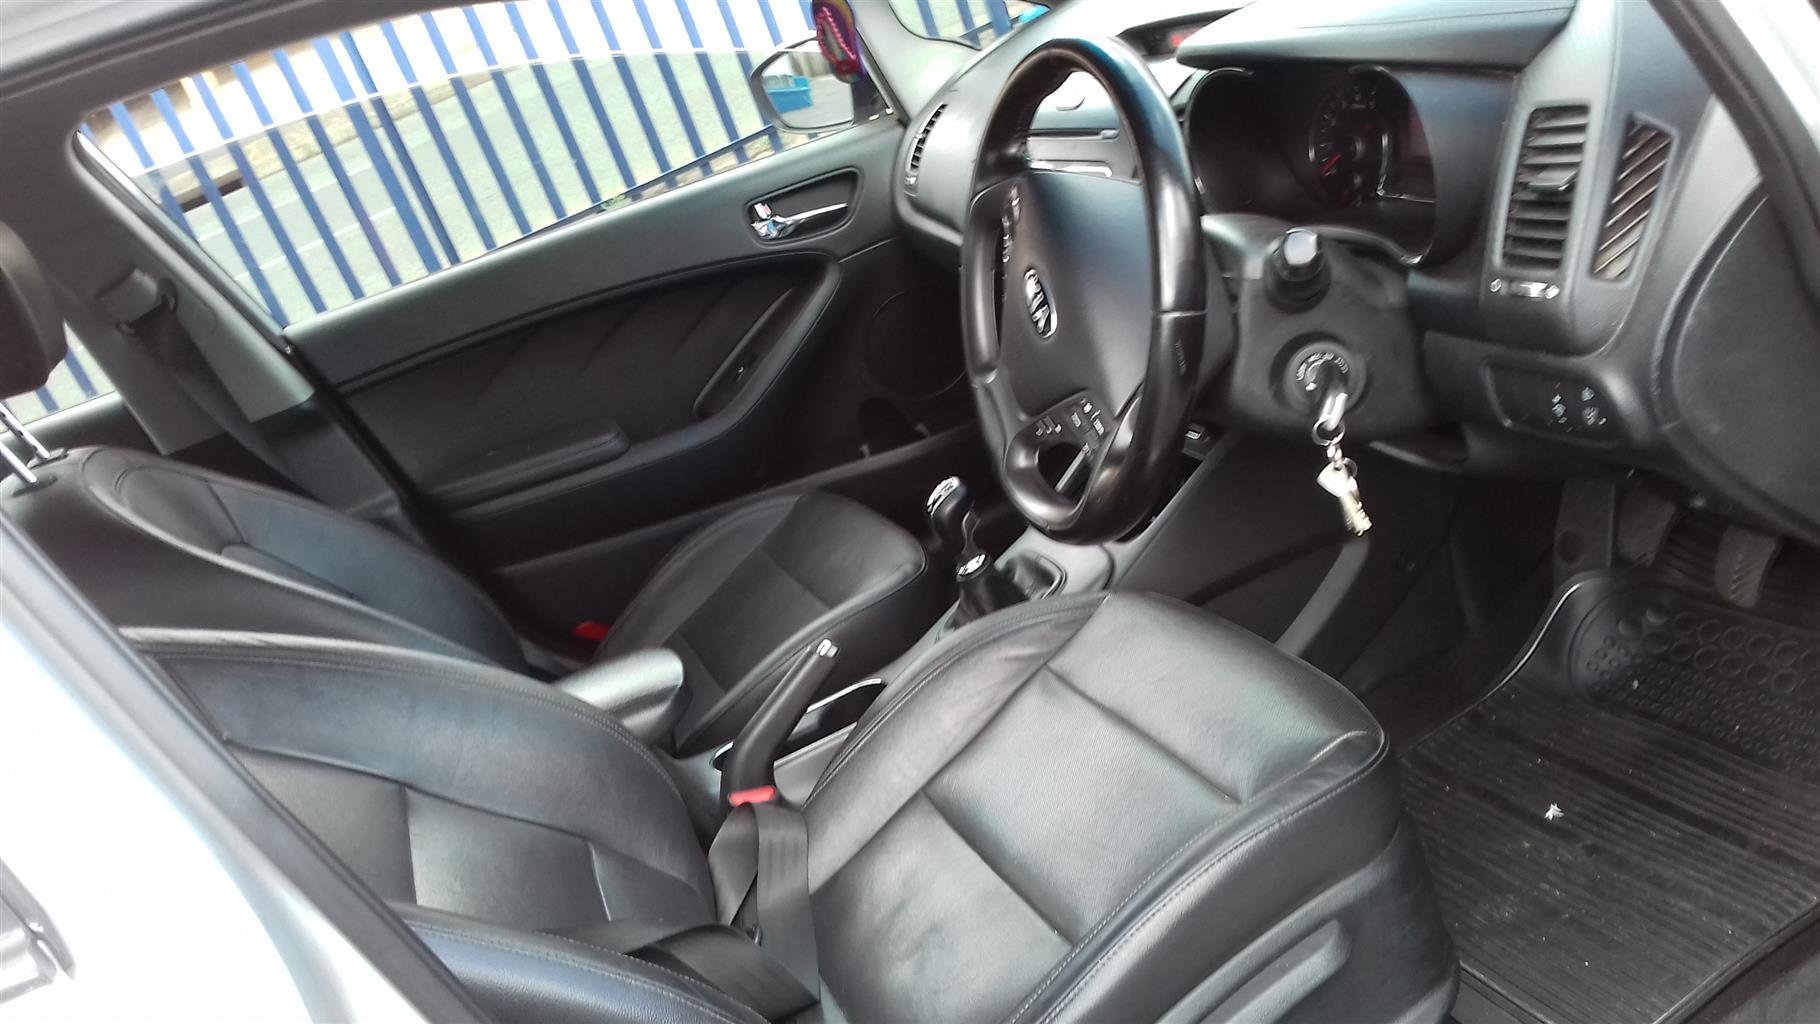 2014 Kia Cerato sedan 2.0 SX